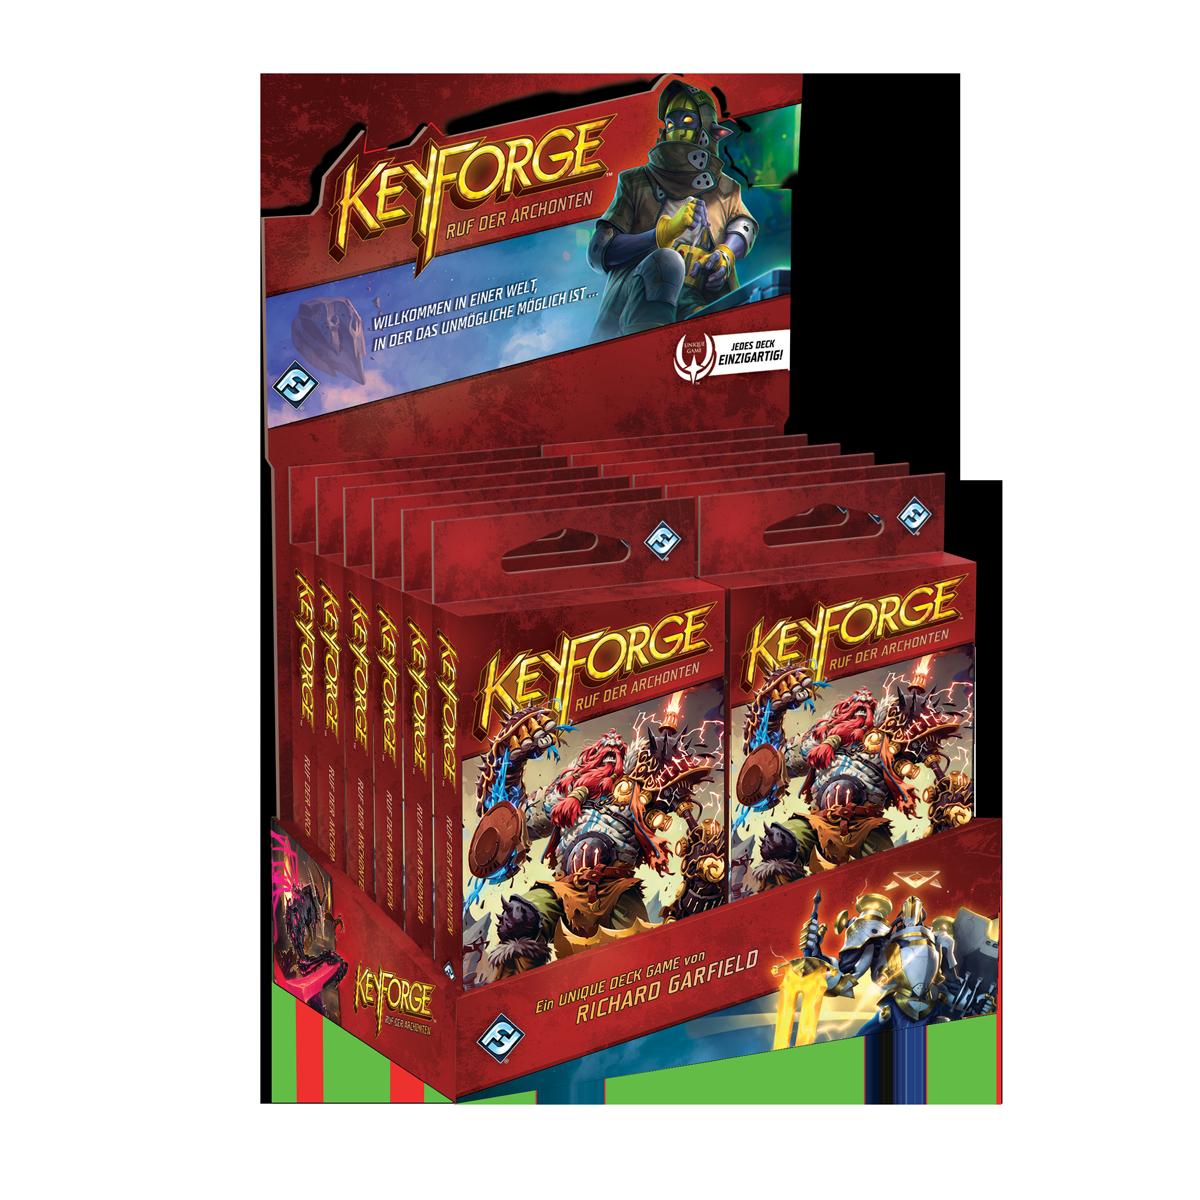 Keyforge: Ruf der Archonten - Deck (Display)